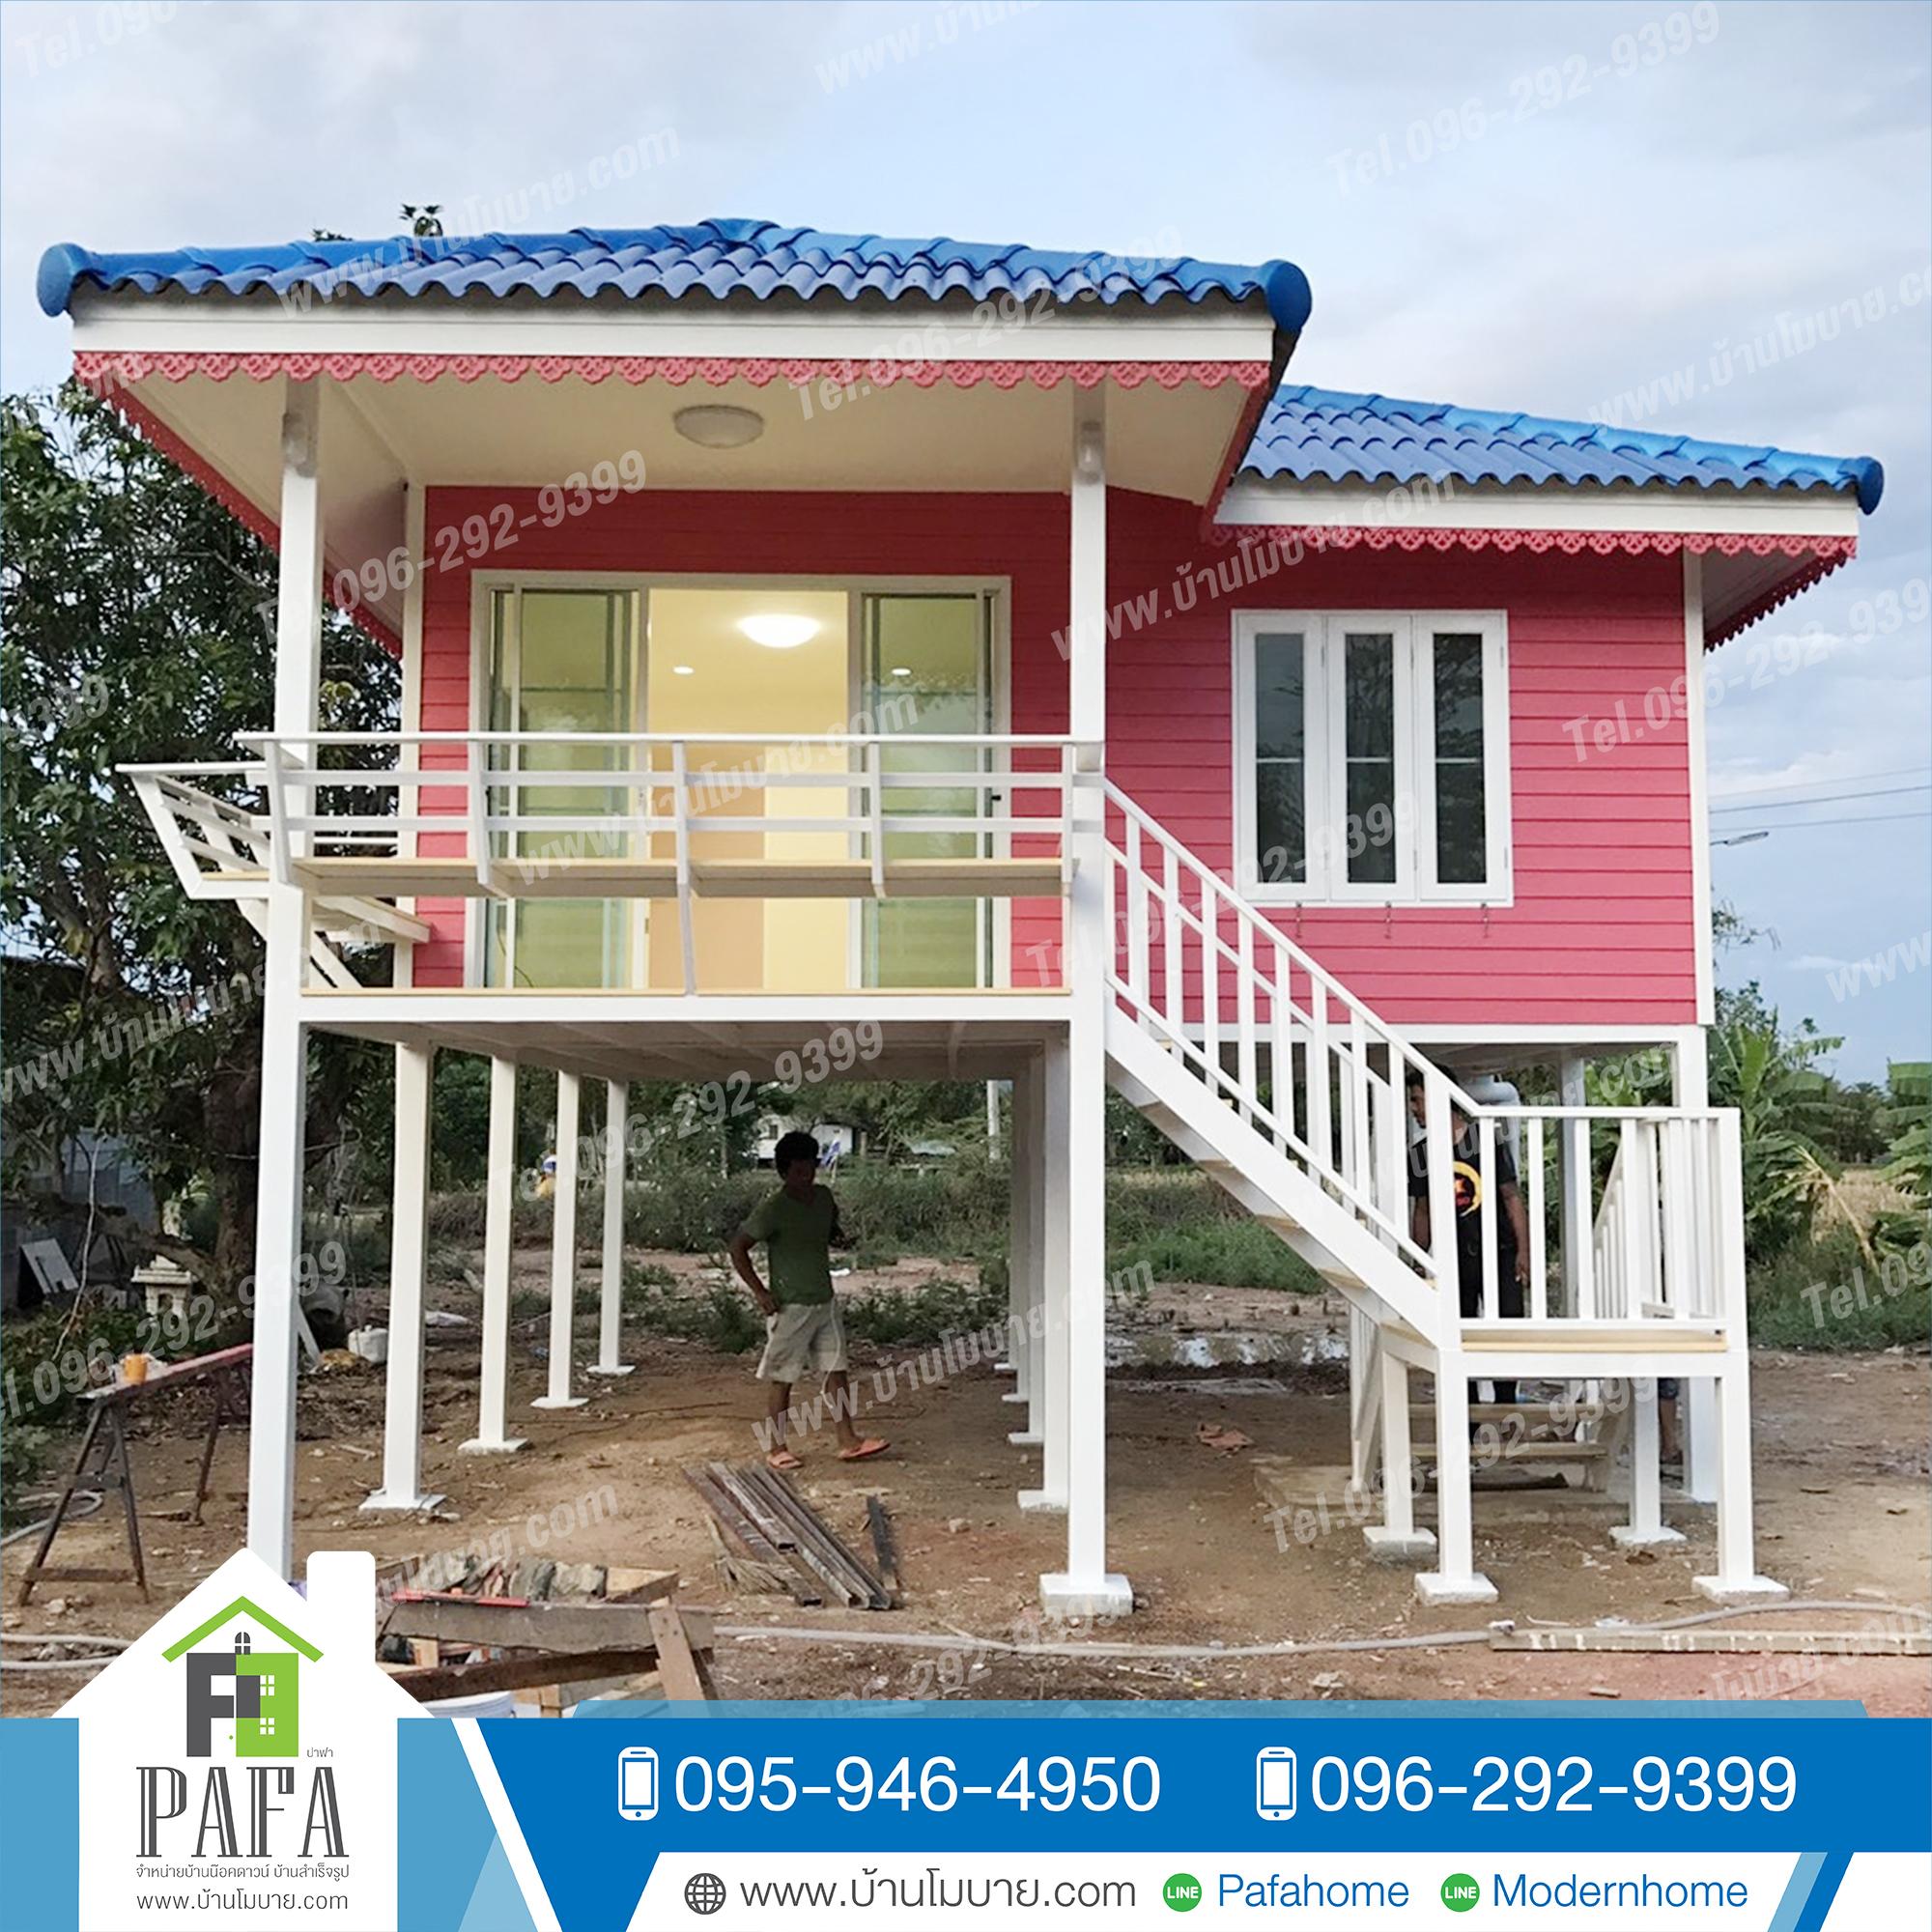 บ้านขนาด 8*6 เมตร ระเบียง 2*3 เมตร (1ห้องนอน 1ห้องน้ำ 2 ห้องโถง) ยกสูง 2 เมตร